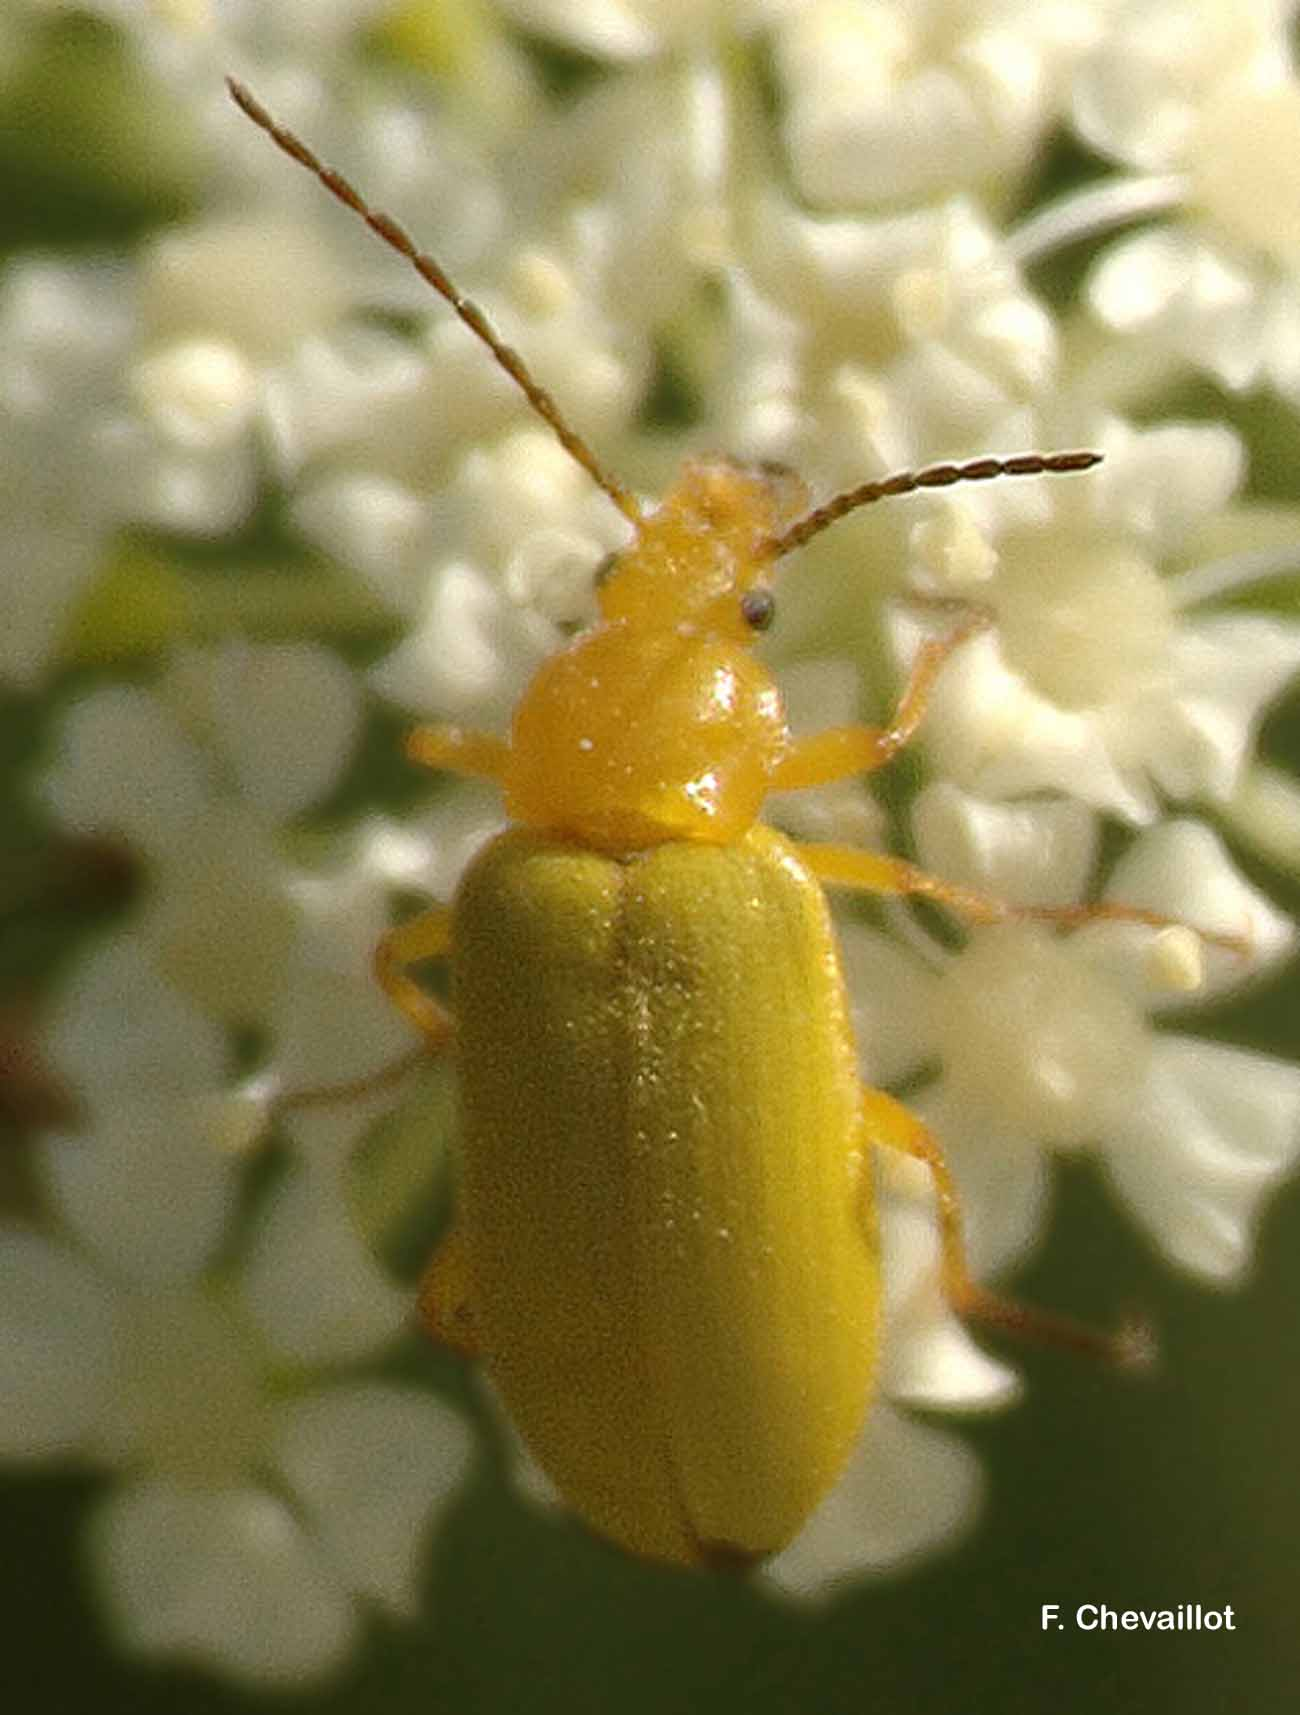 Cteniopus sulphureus